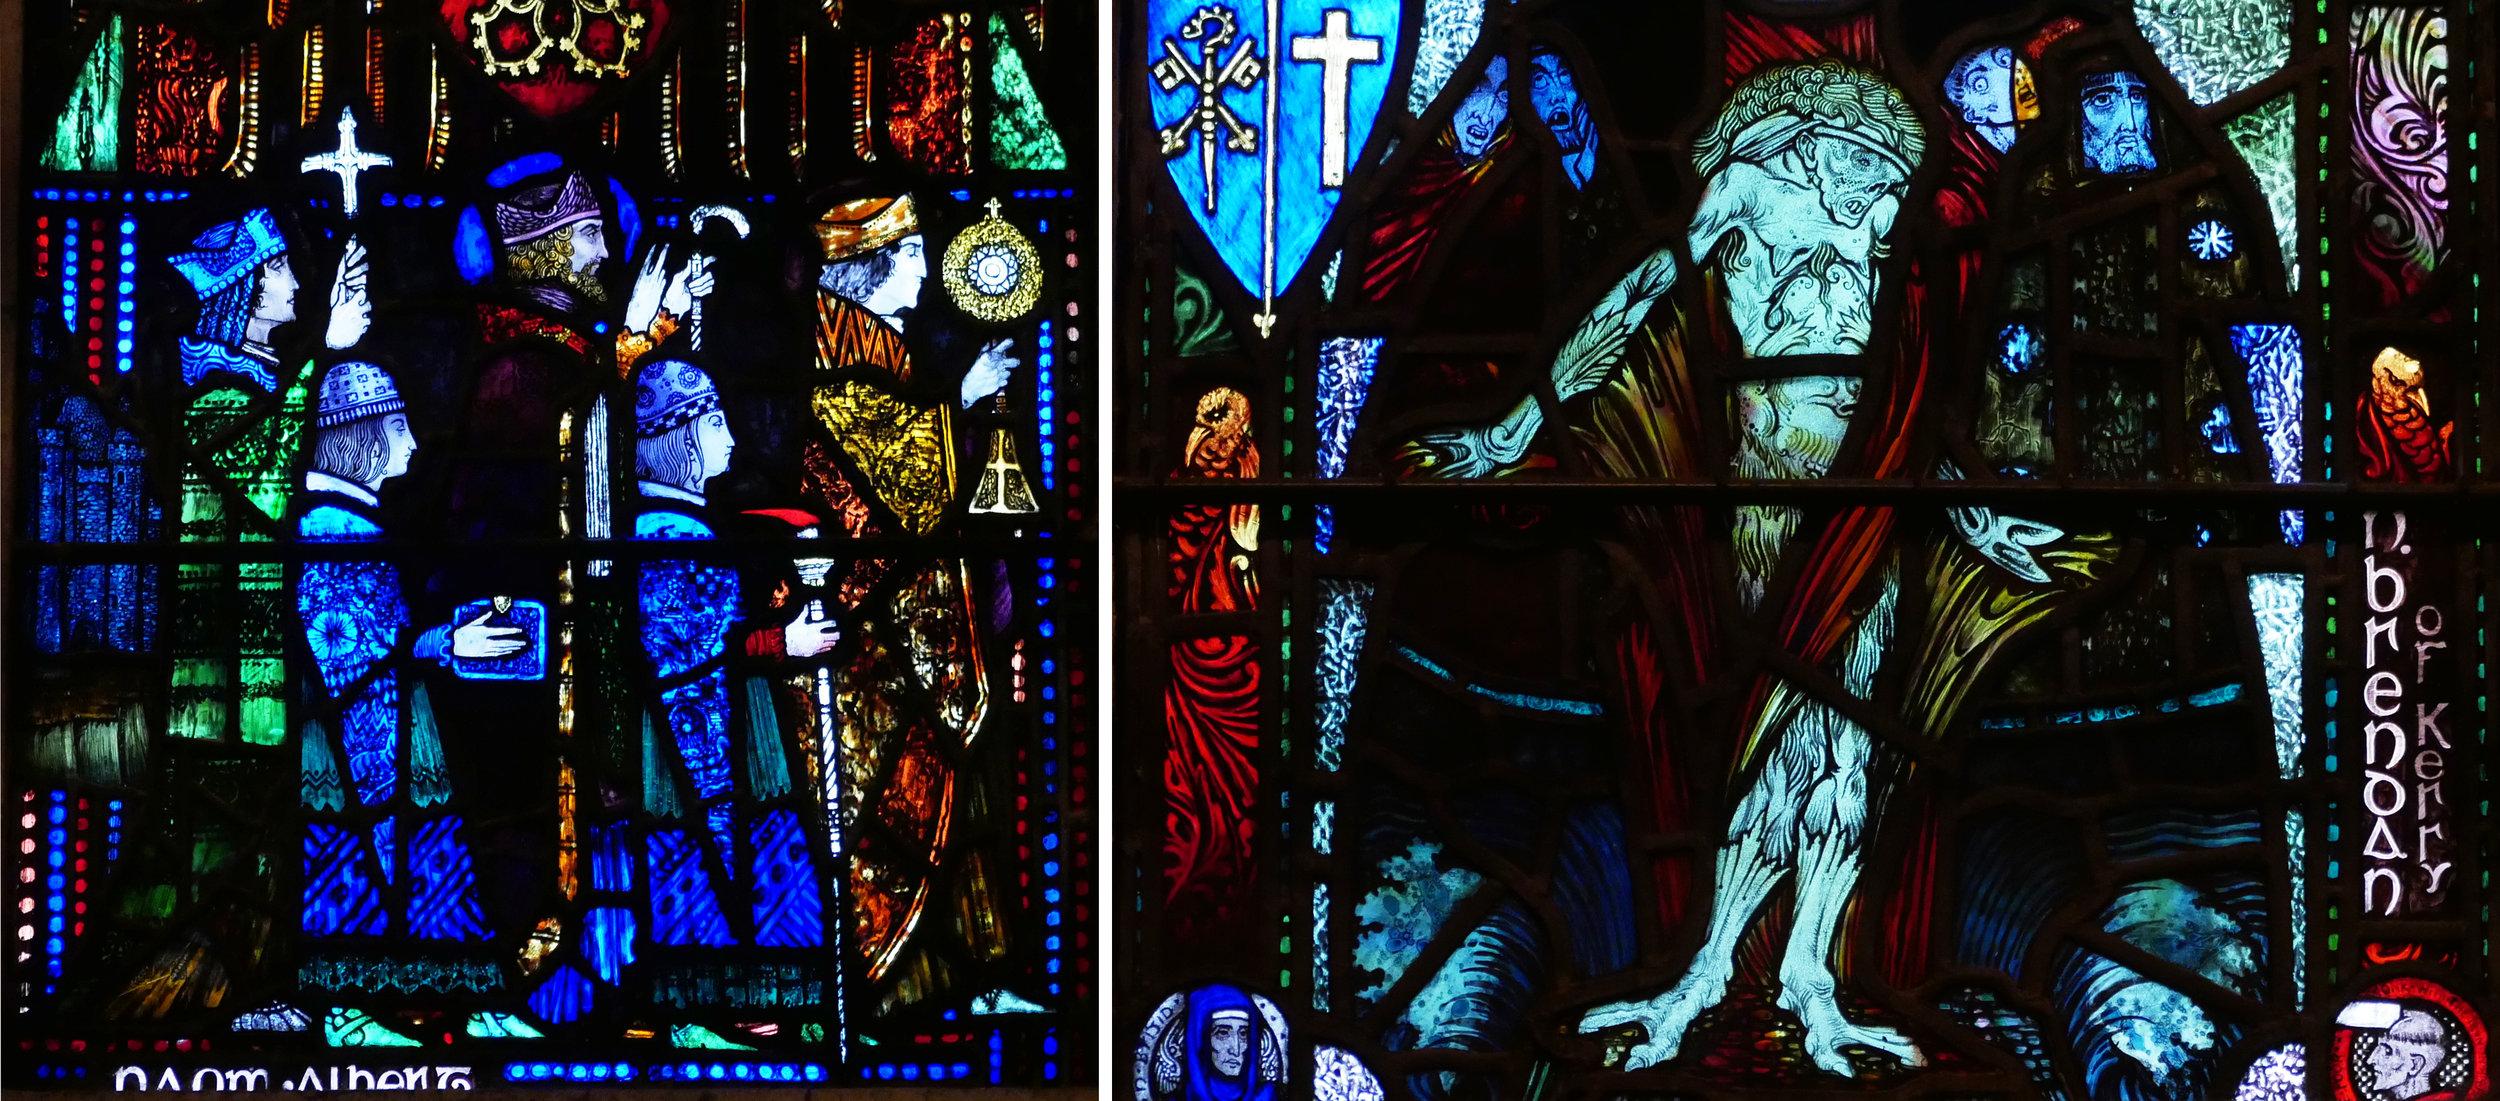 Lower panels for St Albert and St Brendan